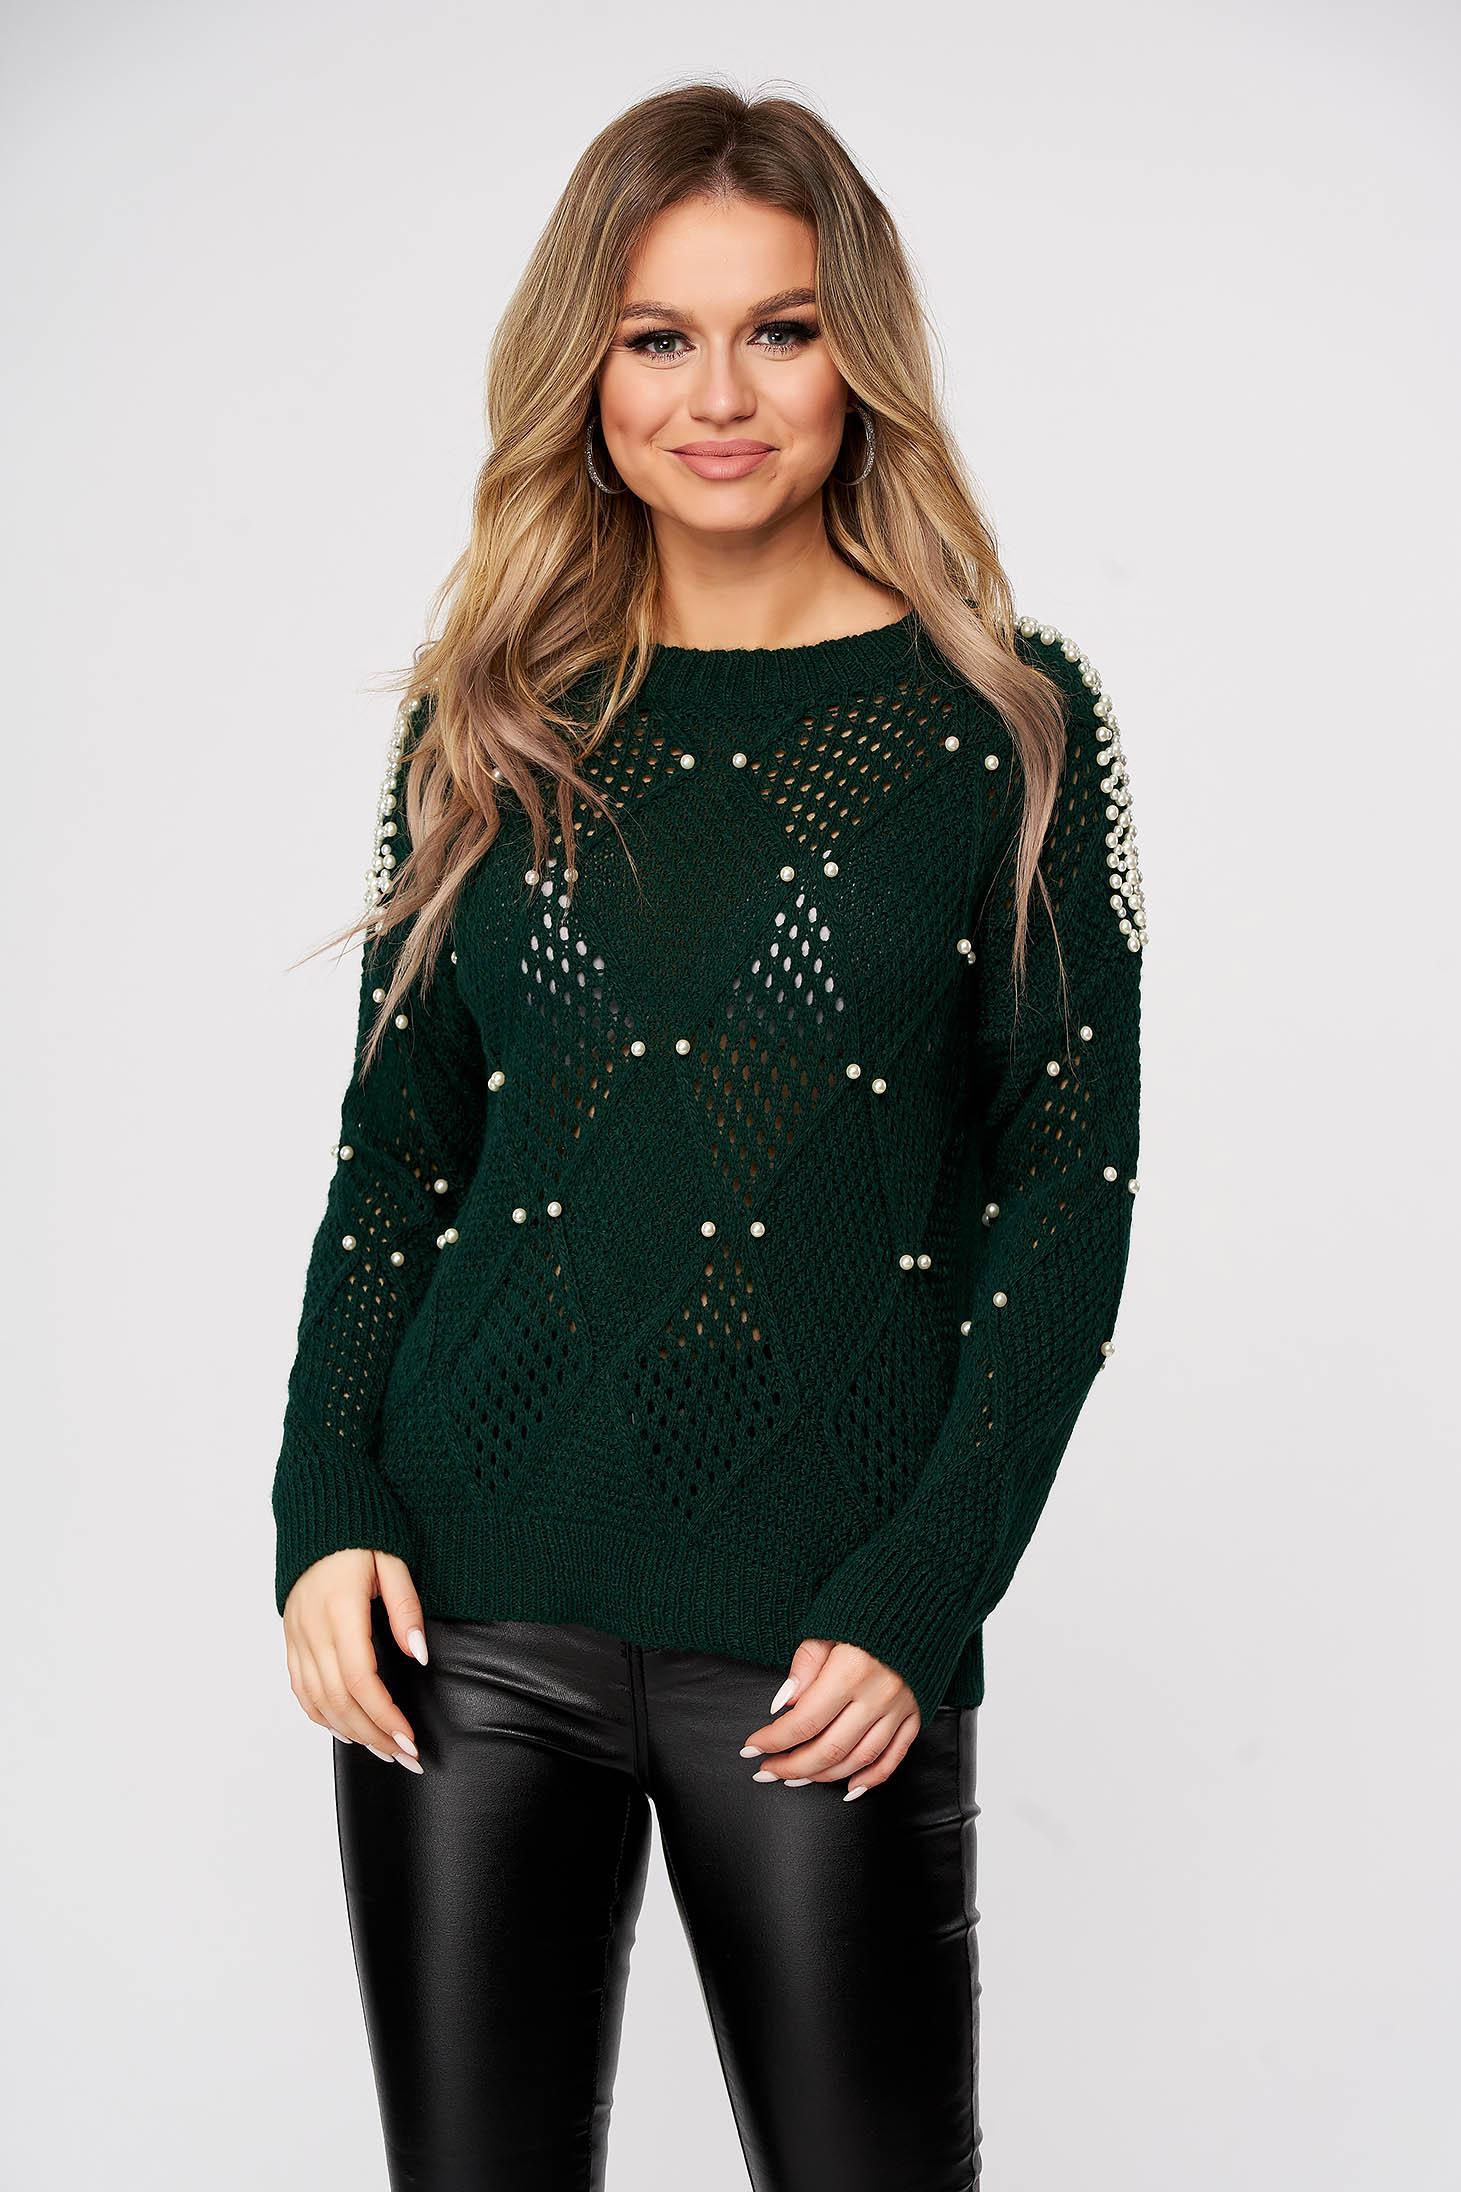 Zöld casual bő szabású kötött pulóver gyöngy díszítéssel